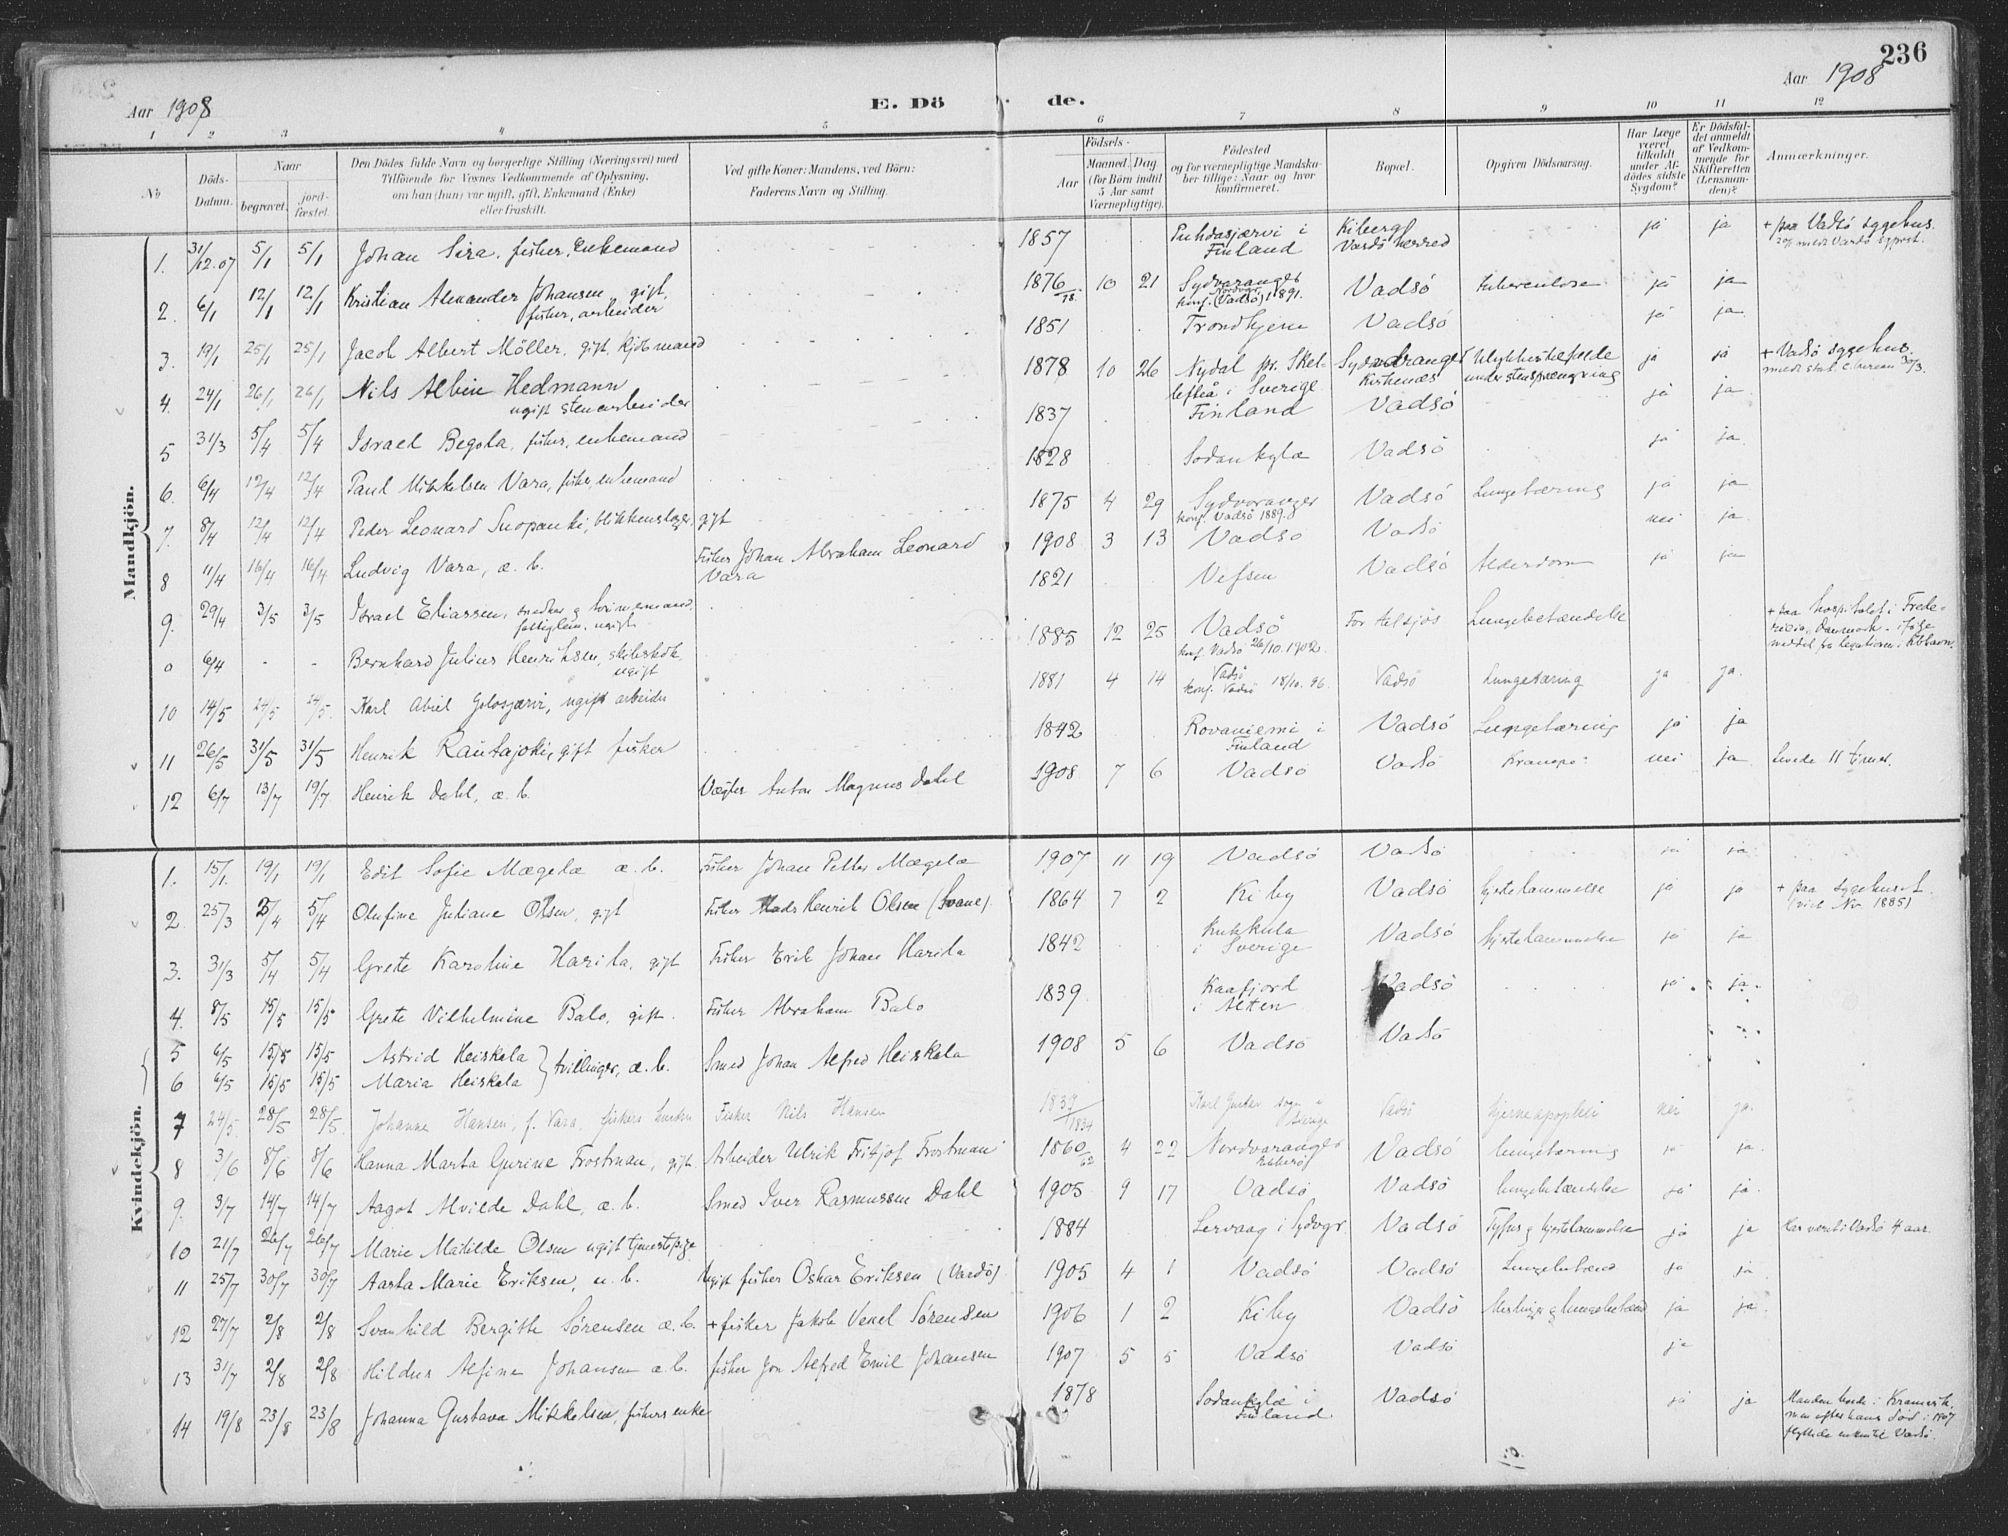 SATØ, Vadsø sokneprestkontor, H/Ha/L0007kirke: Ministerialbok nr. 7, 1896-1916, s. 236